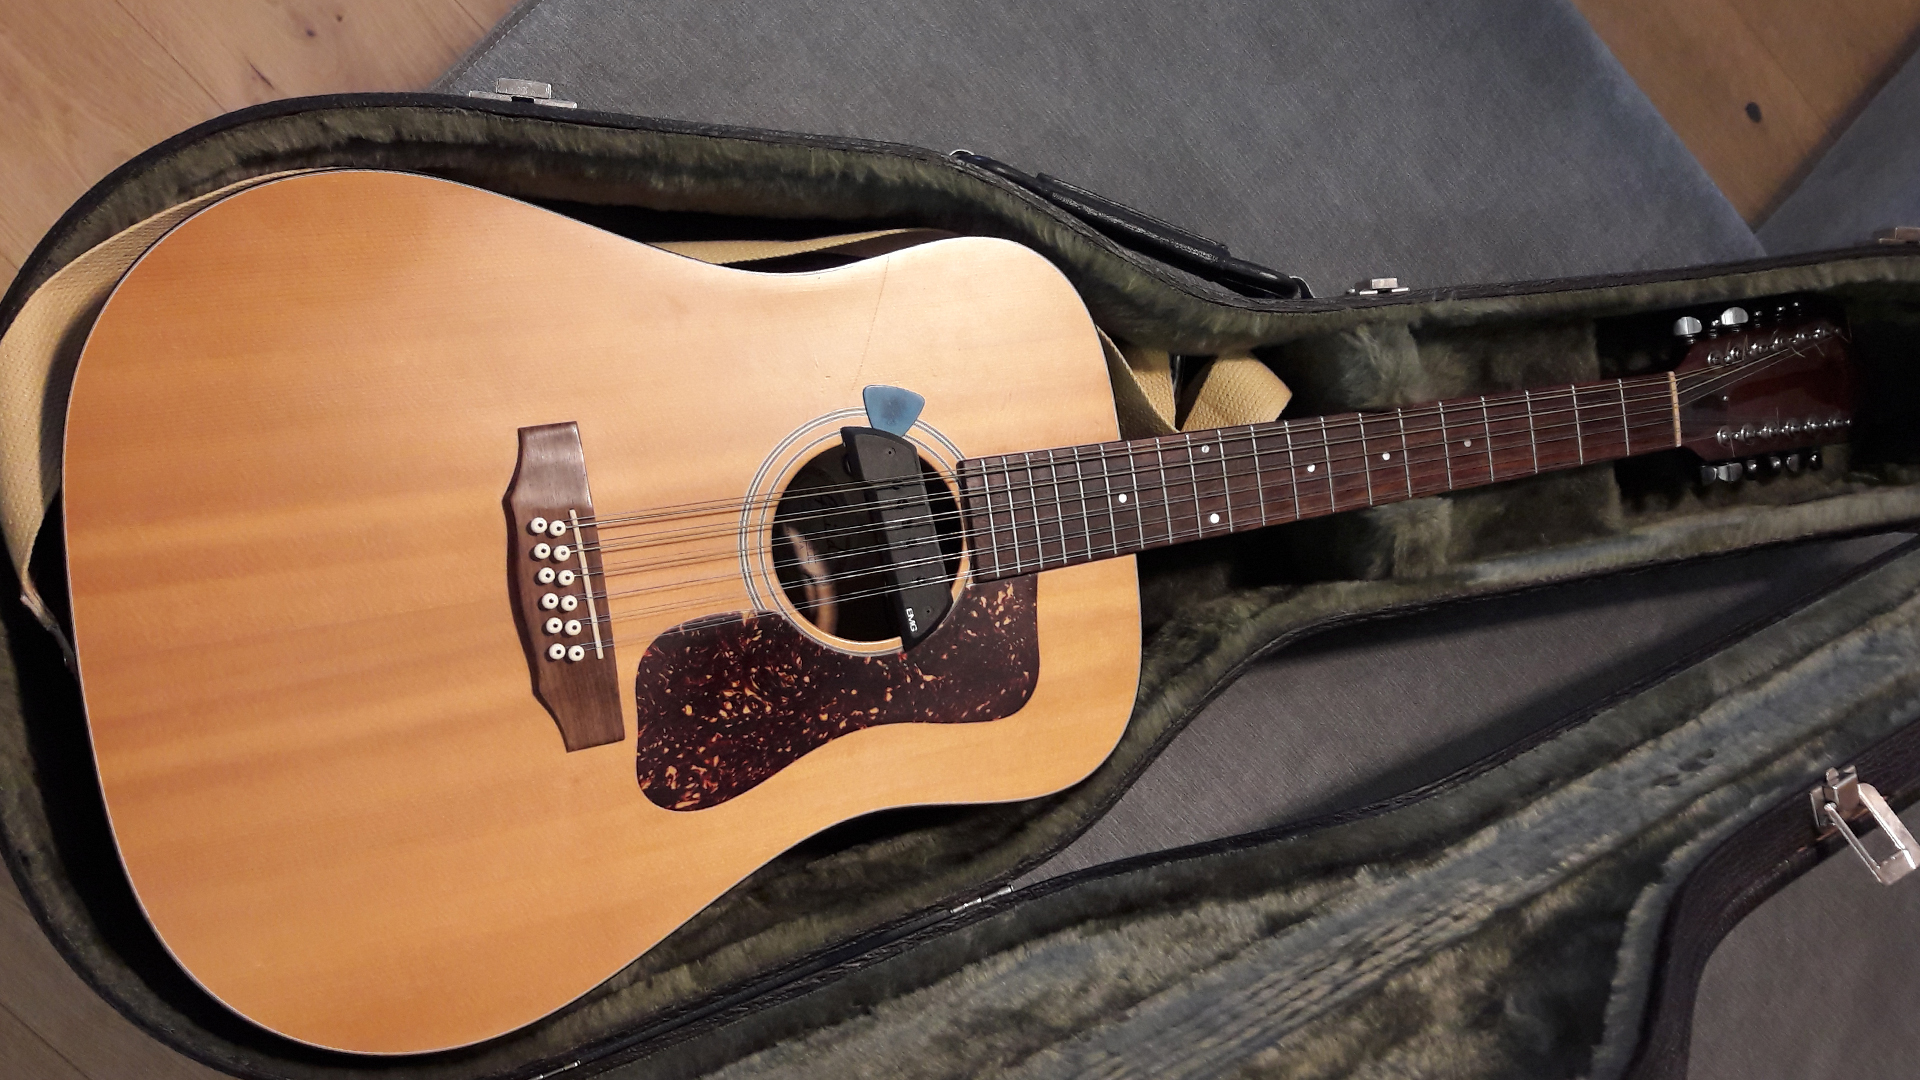 Gitarre in einem Koffer